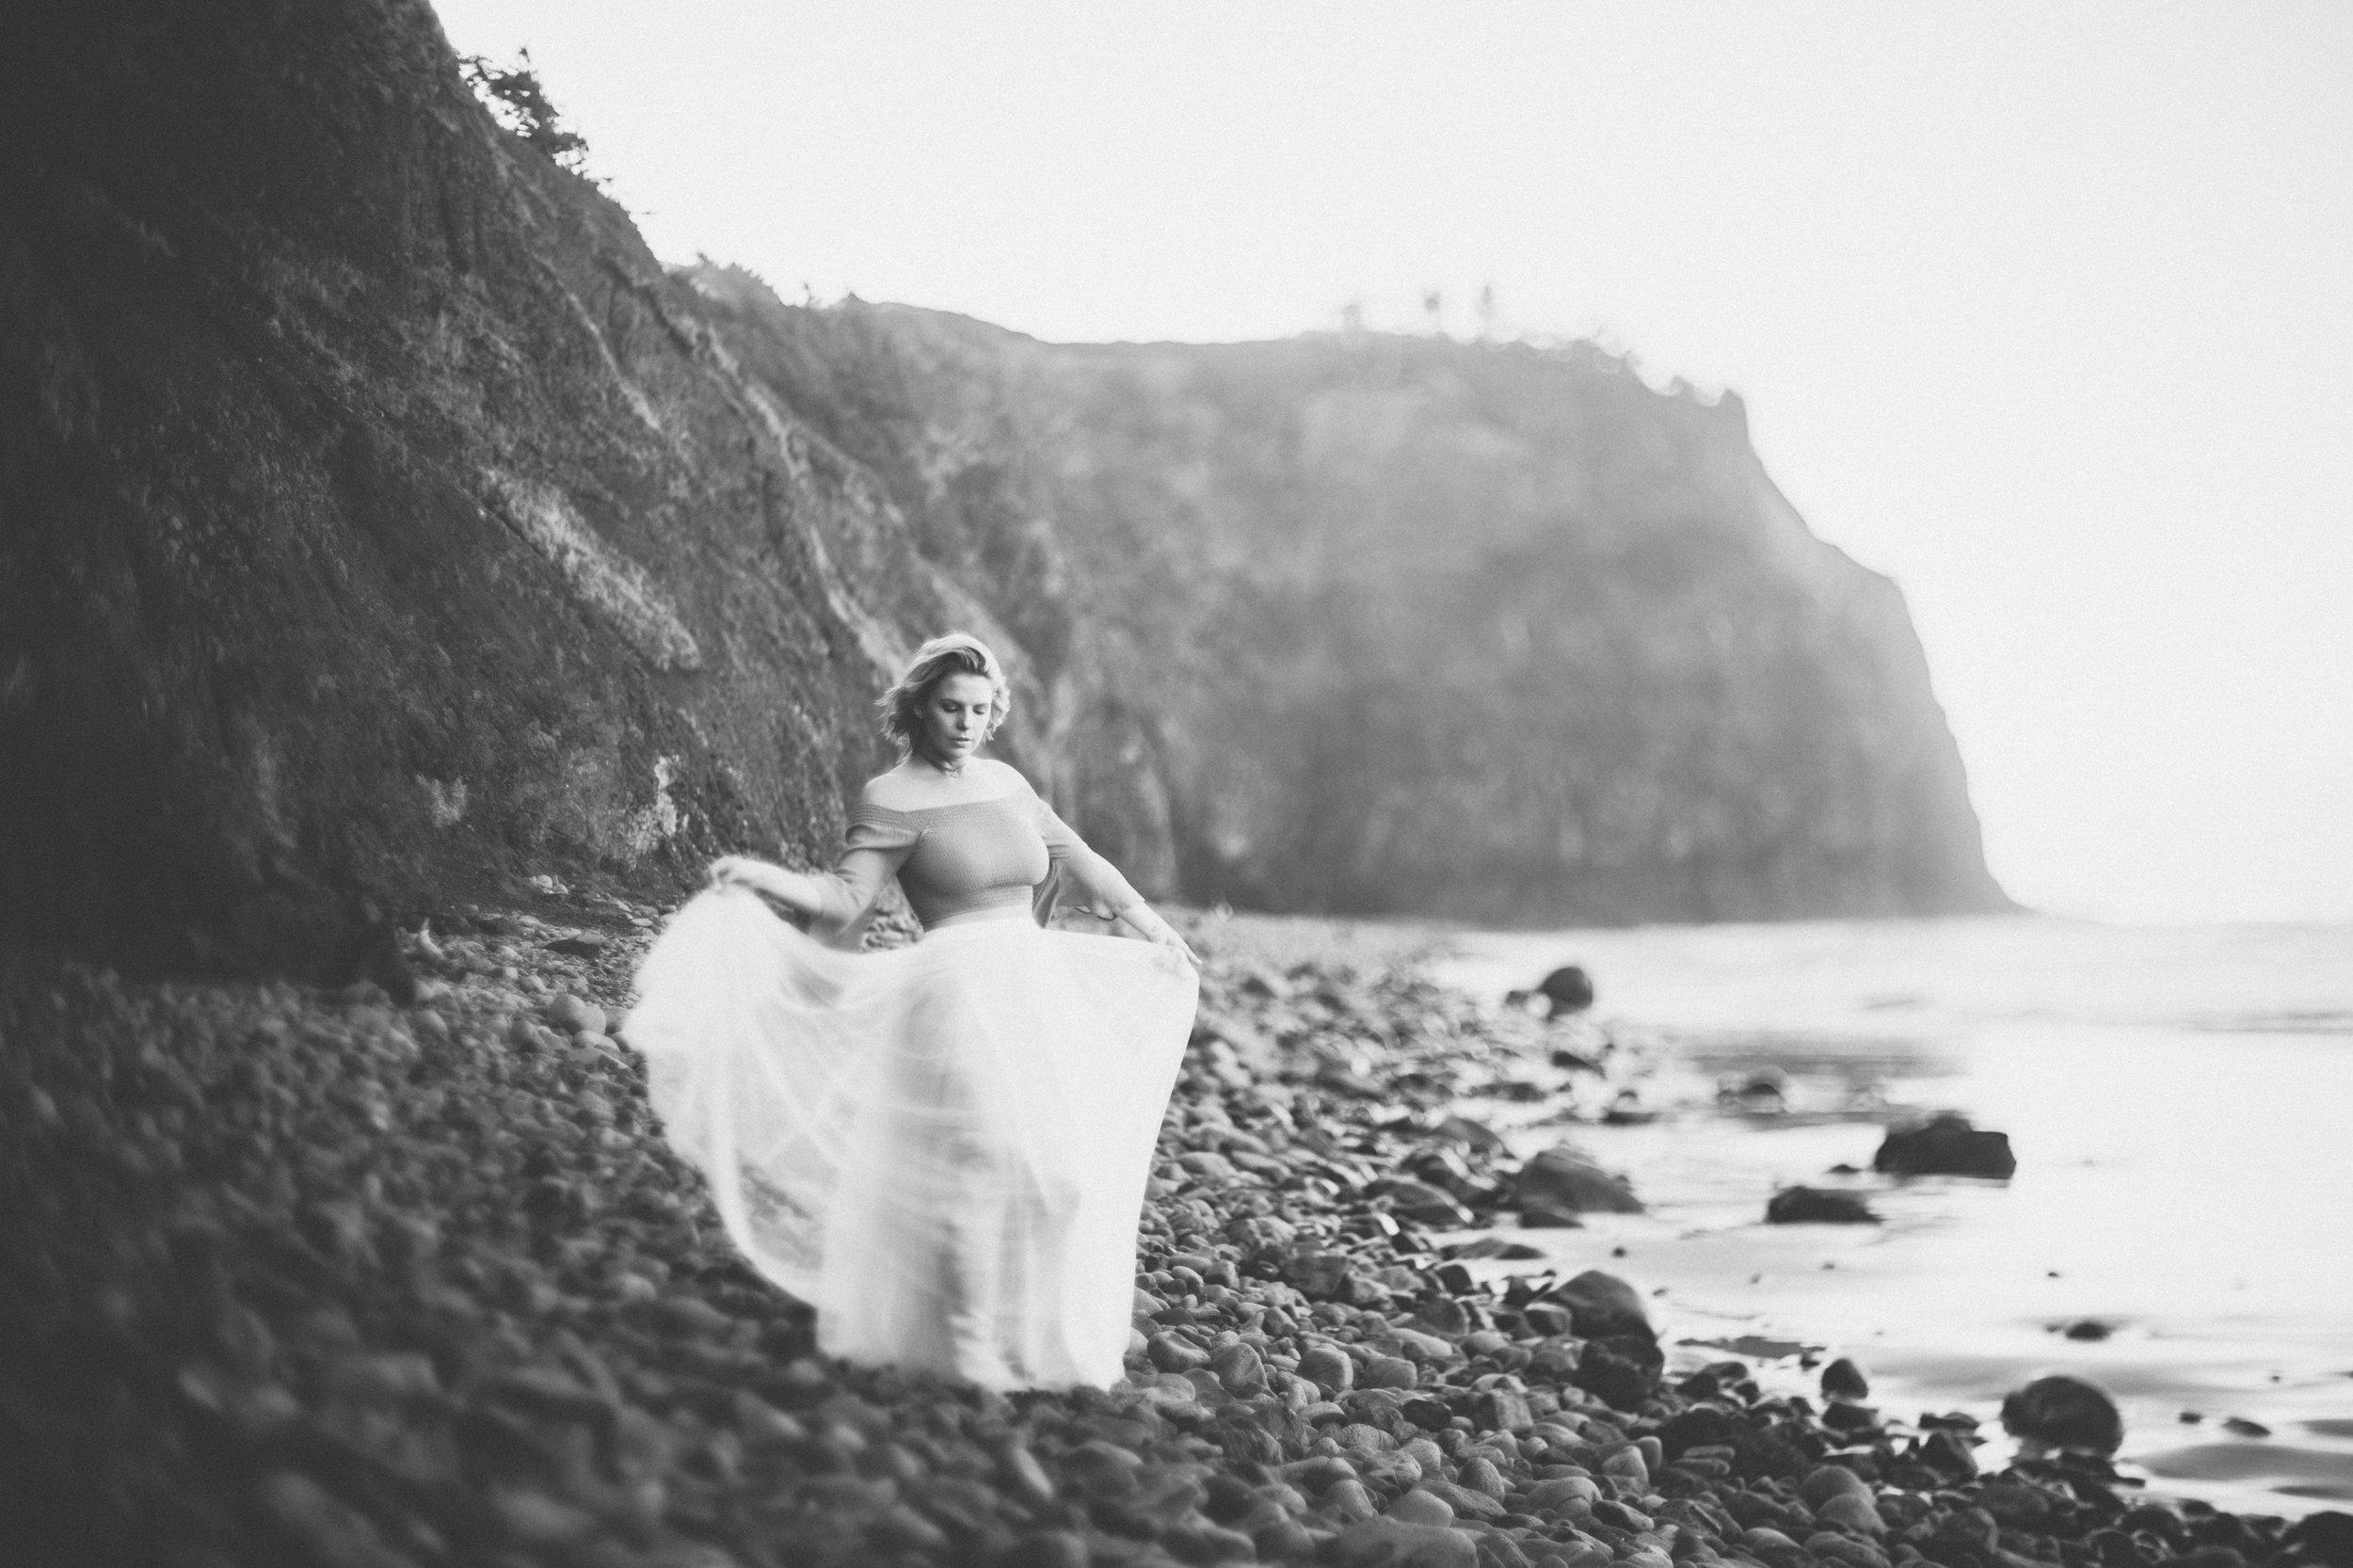 Oregon-Coast-Stylized-photoshoot-22.jpg